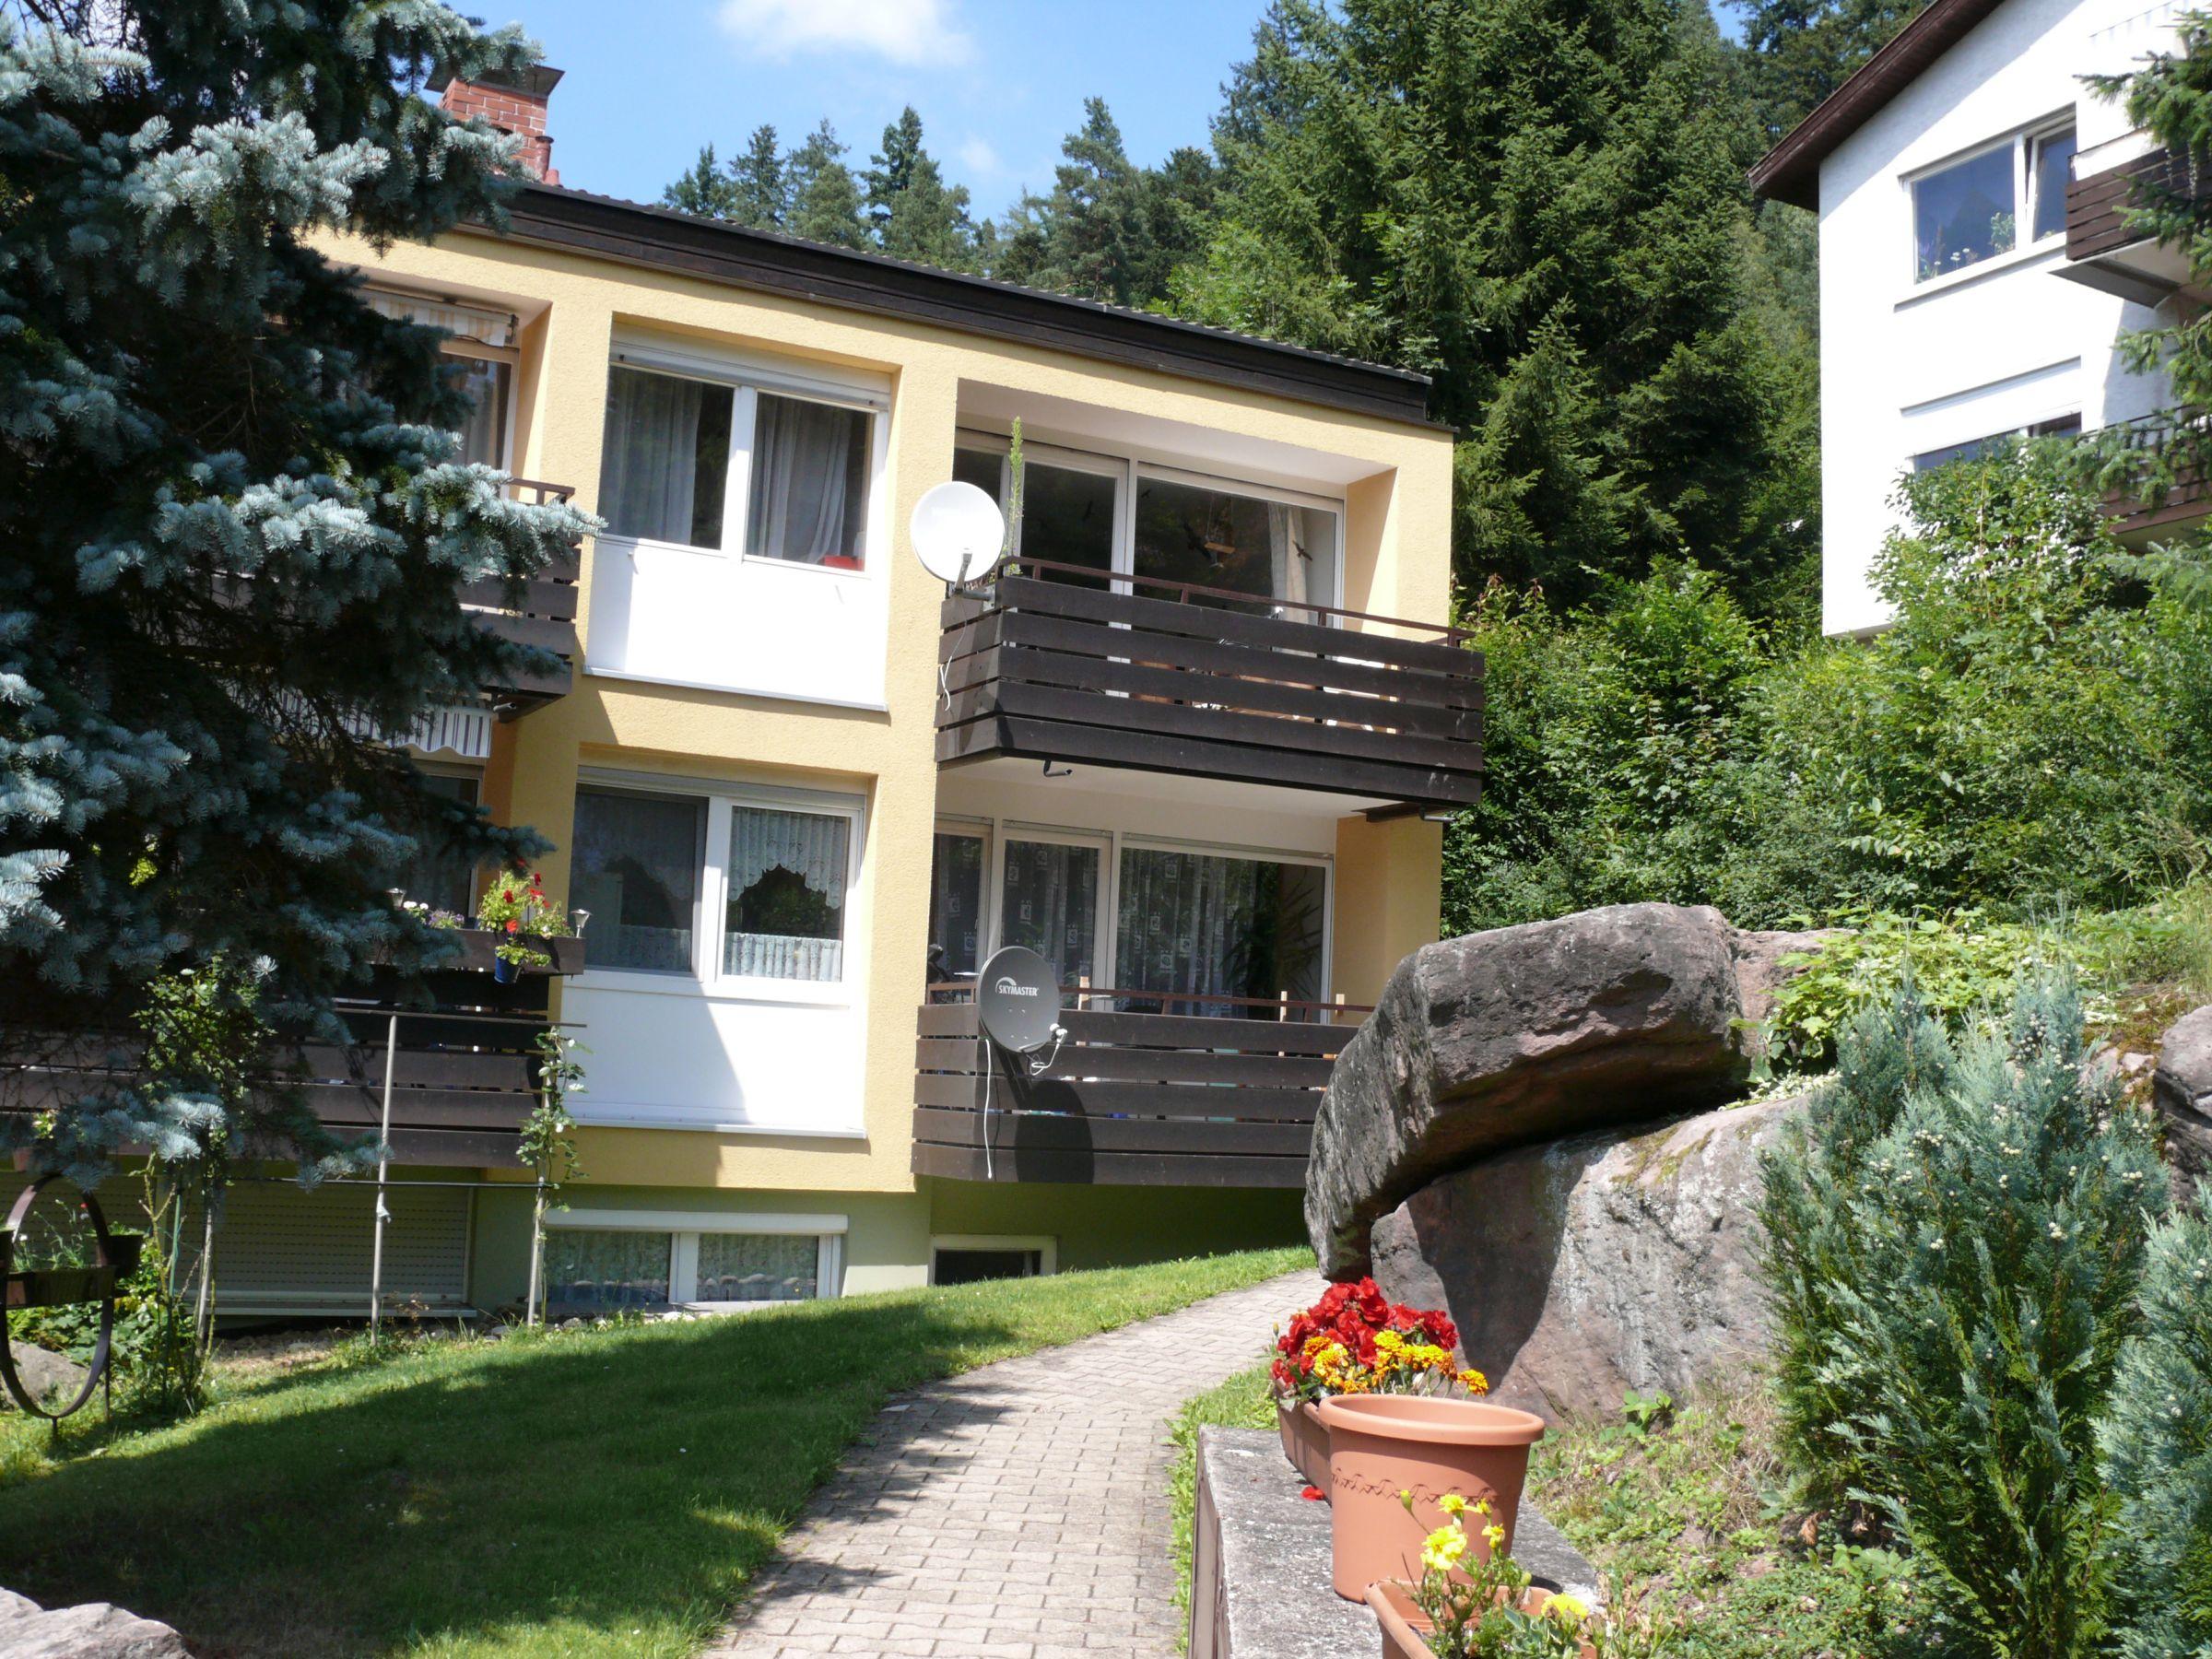 Ferienwohnung Dittmar, (Bad Liebenzell). Ferienwoh Ferienwohnung in Deutschland